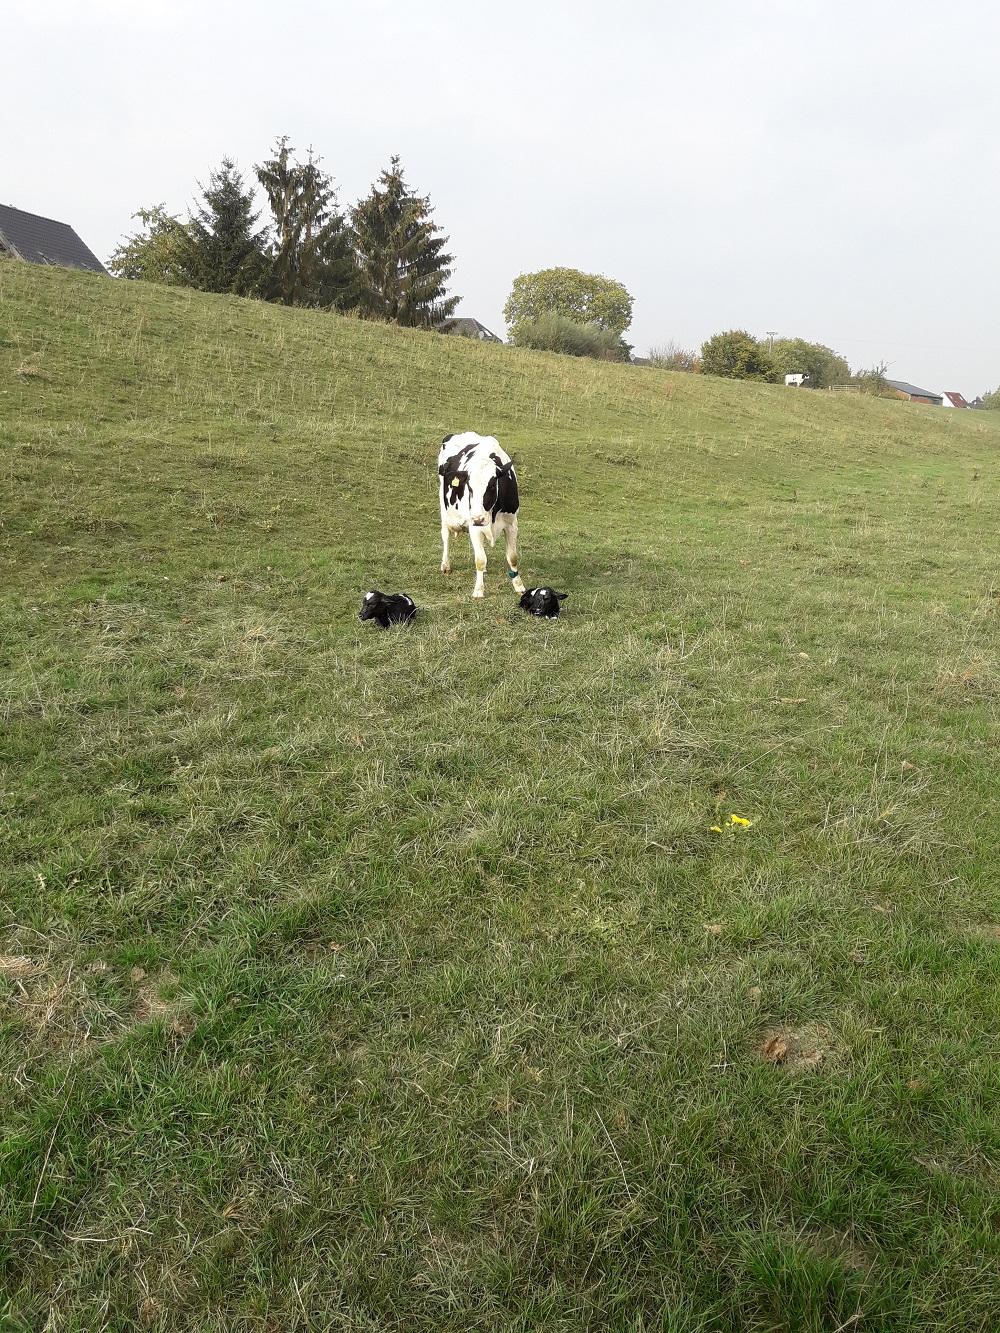 schöne Zwillinge...glückliche  Kuh und erfreuter Bauer